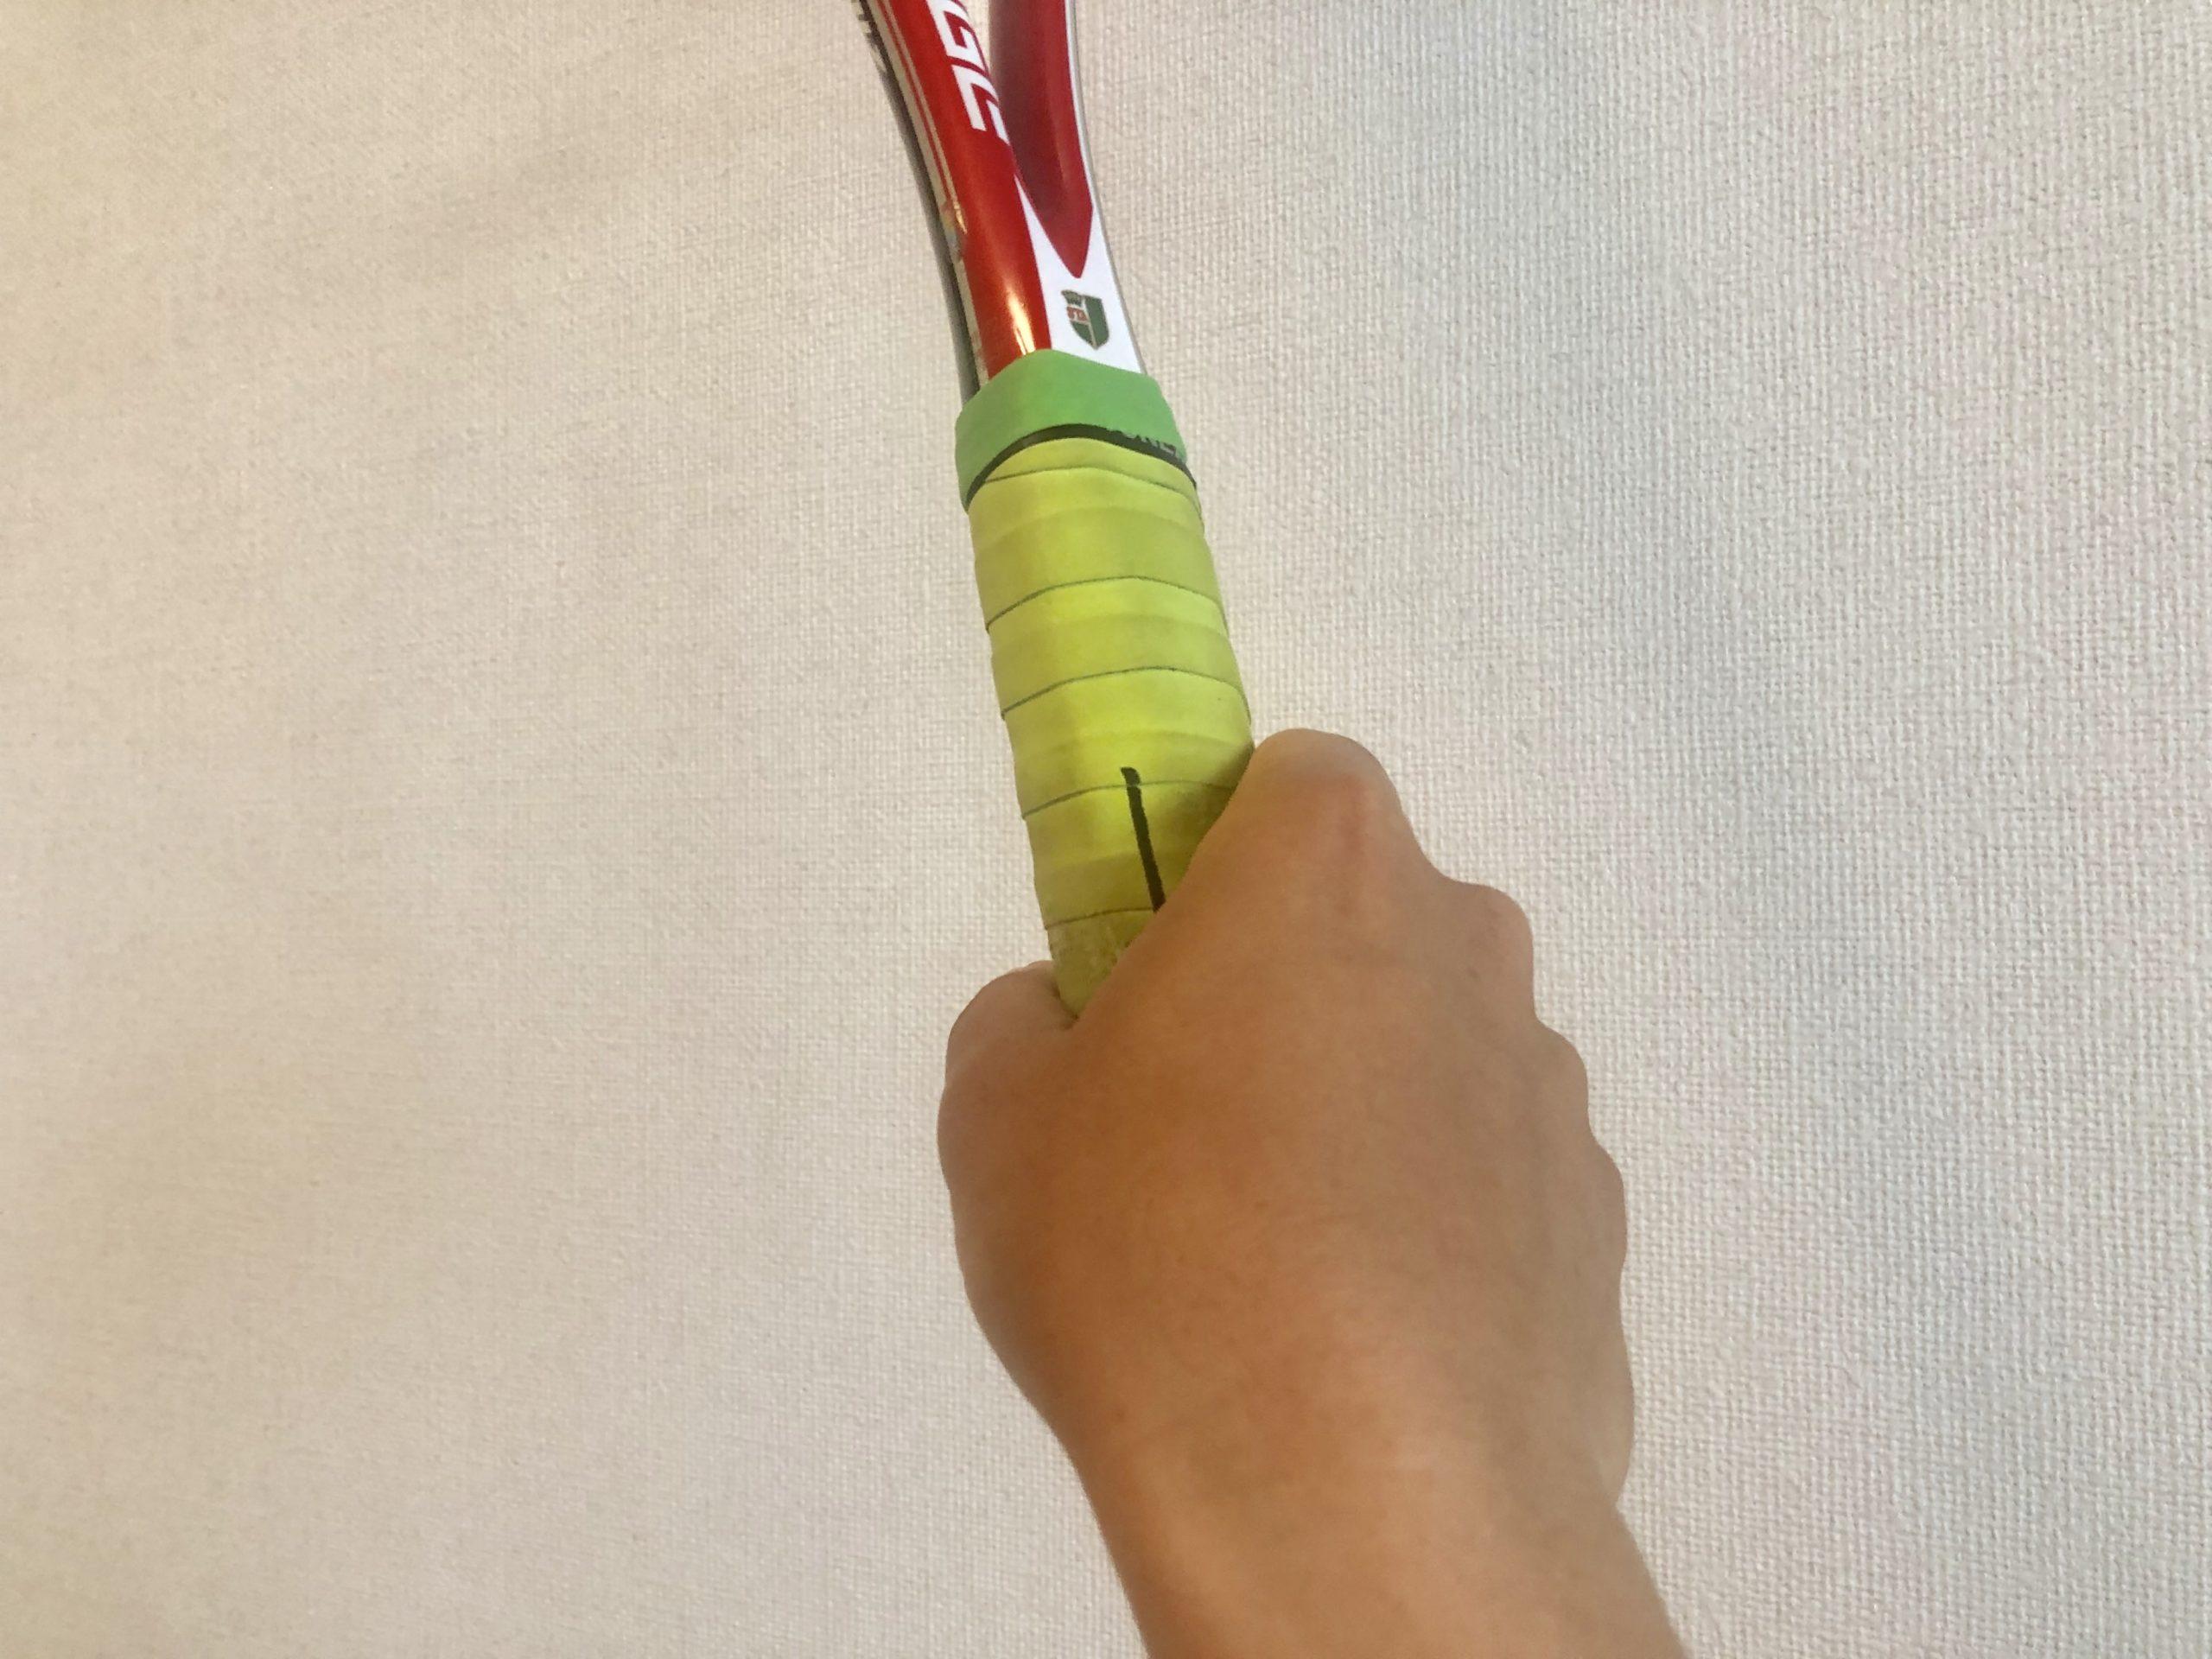 【ソフトテニス】ラケットの持ち方(グリップの握り方)を解説